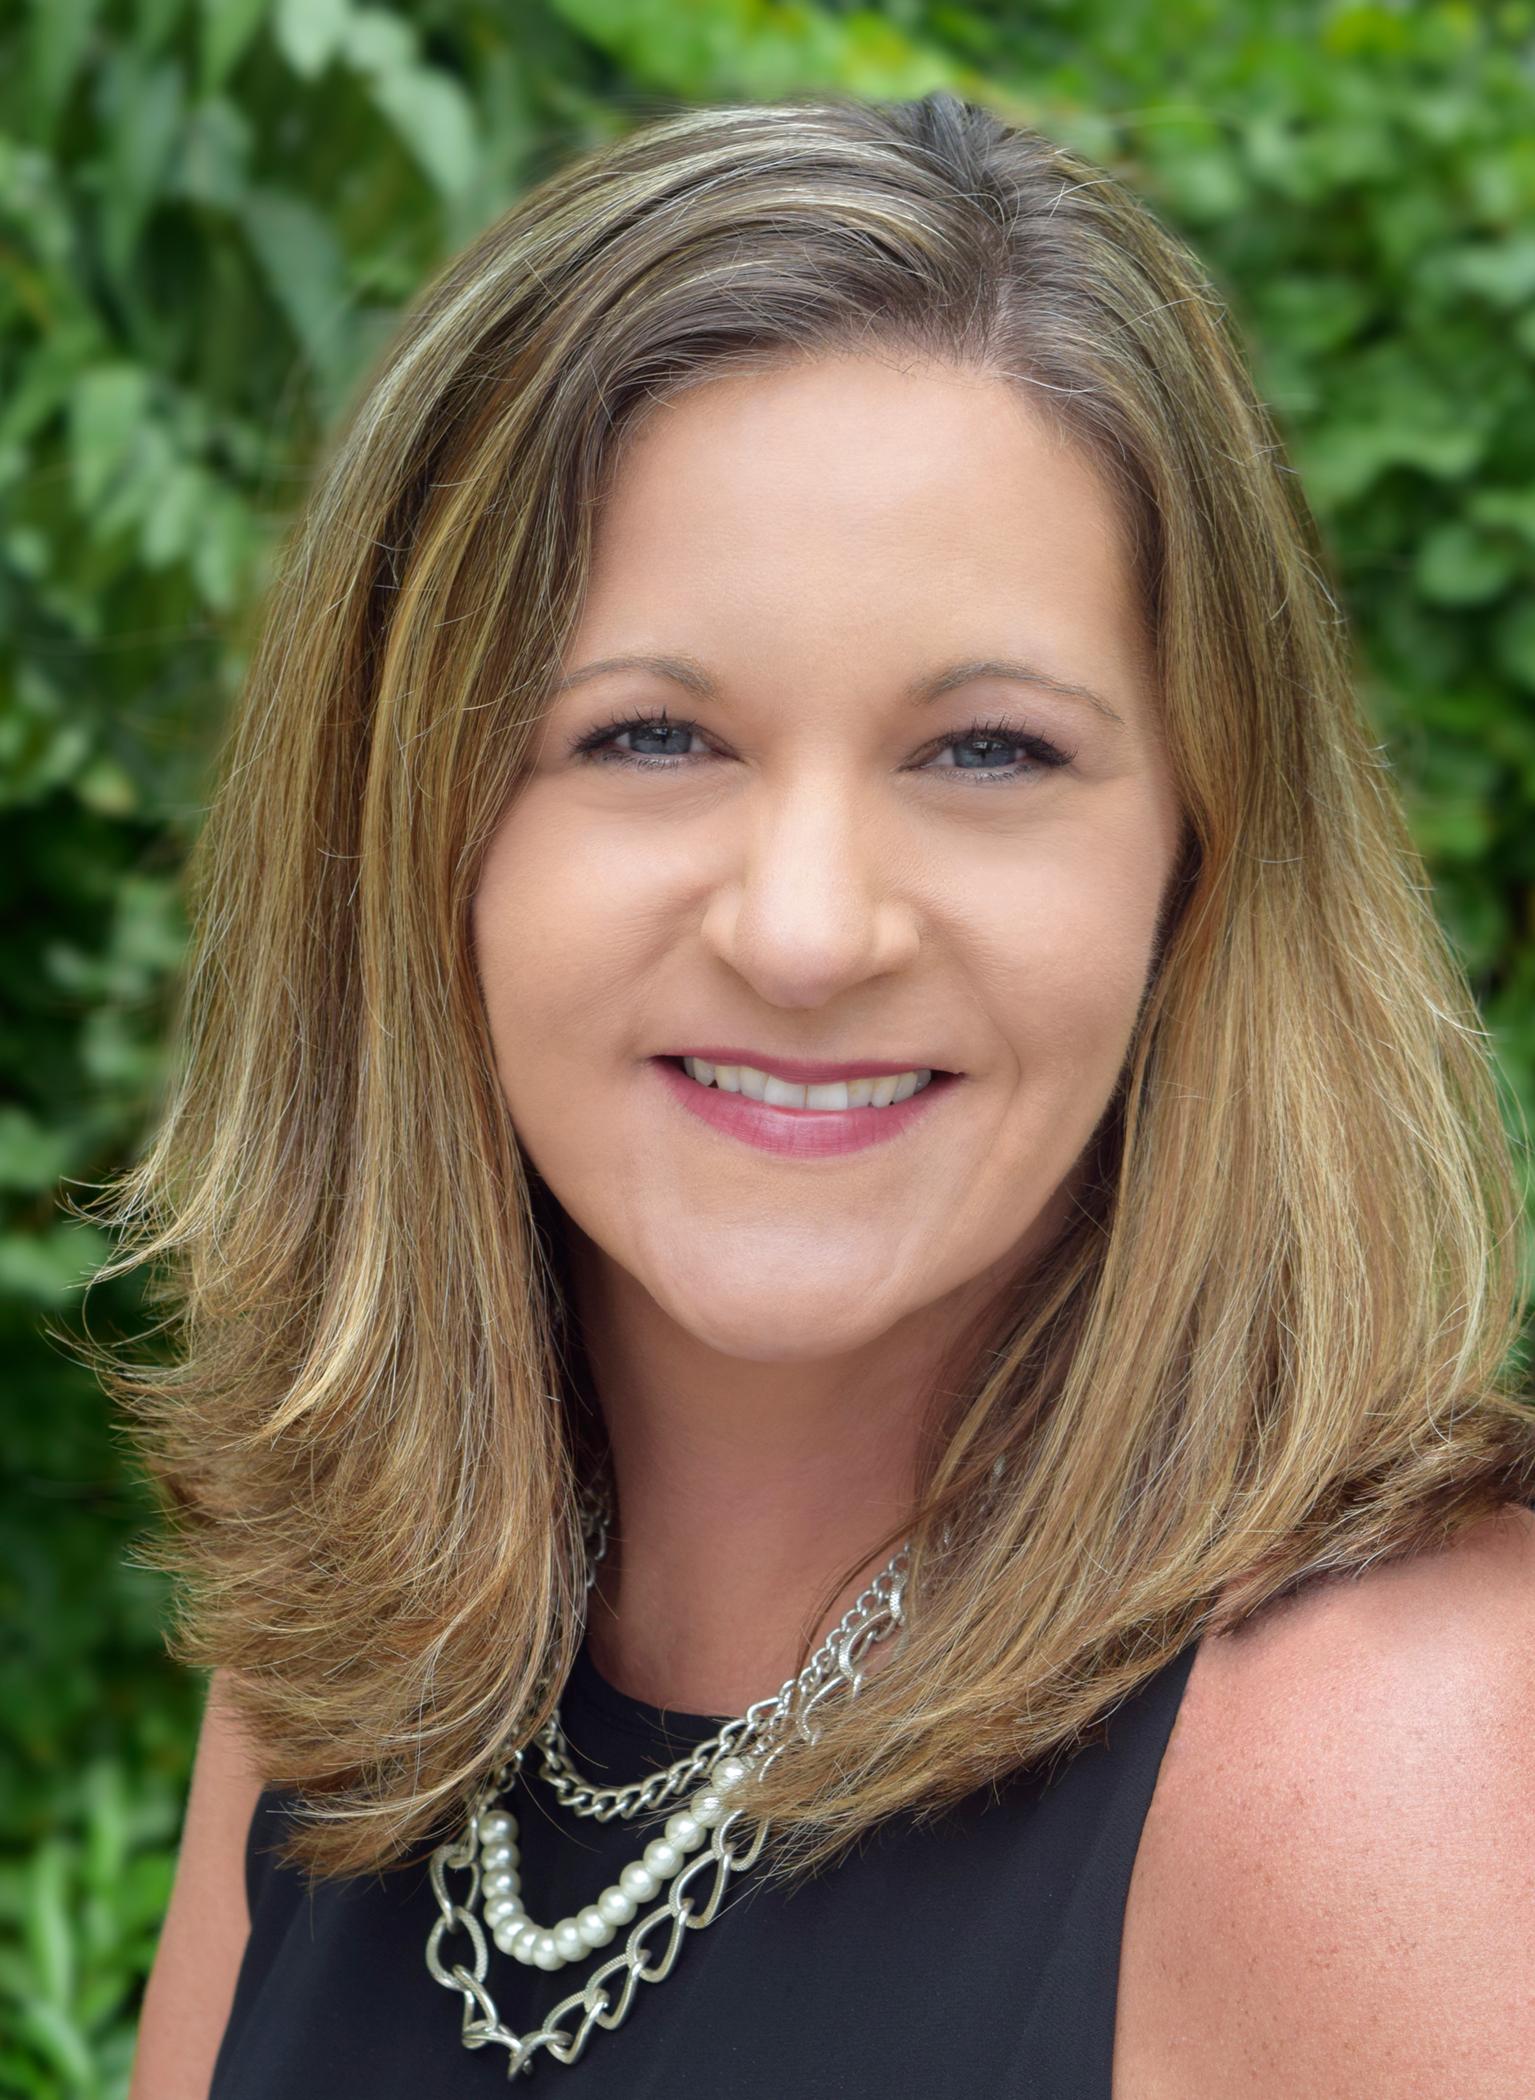 Amanda Ballog